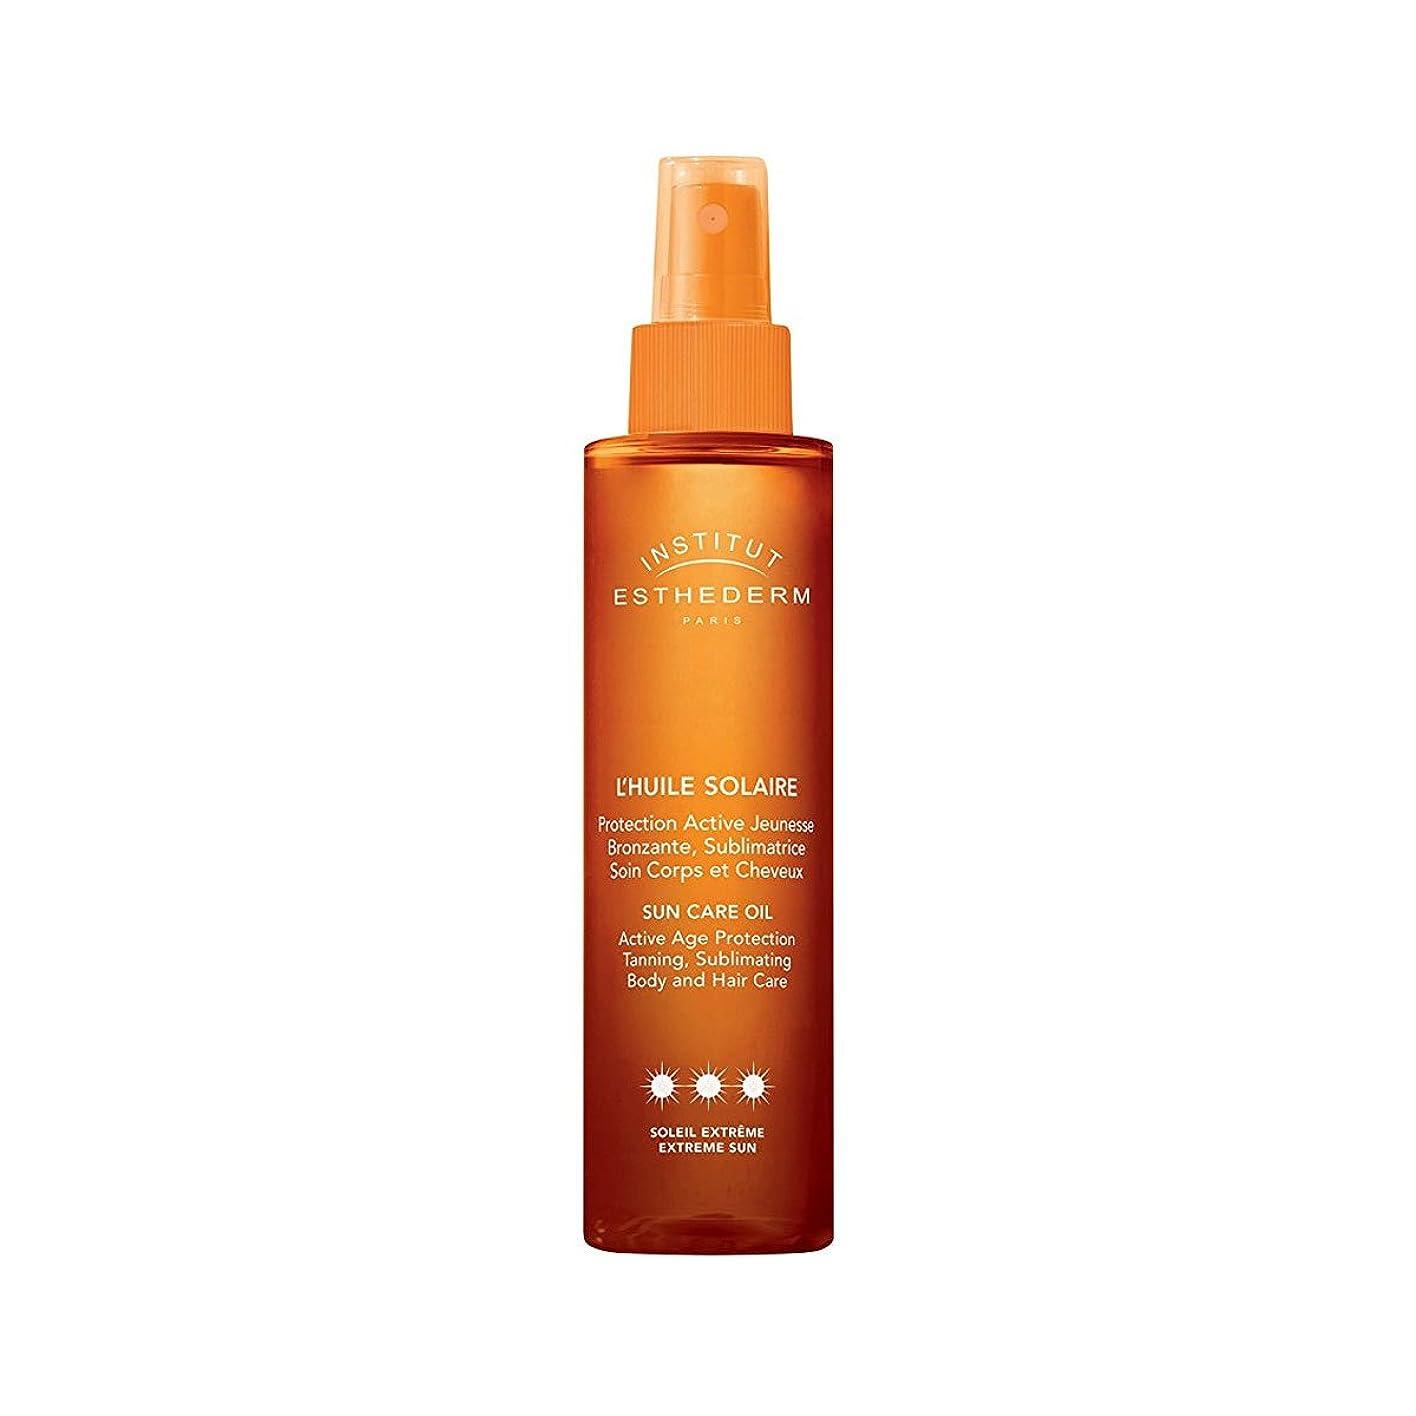 ホラー文房具嵐Institut Esthederm Protective Sun Care Oil For Body And Hair Strong Sun 150ml [並行輸入品]